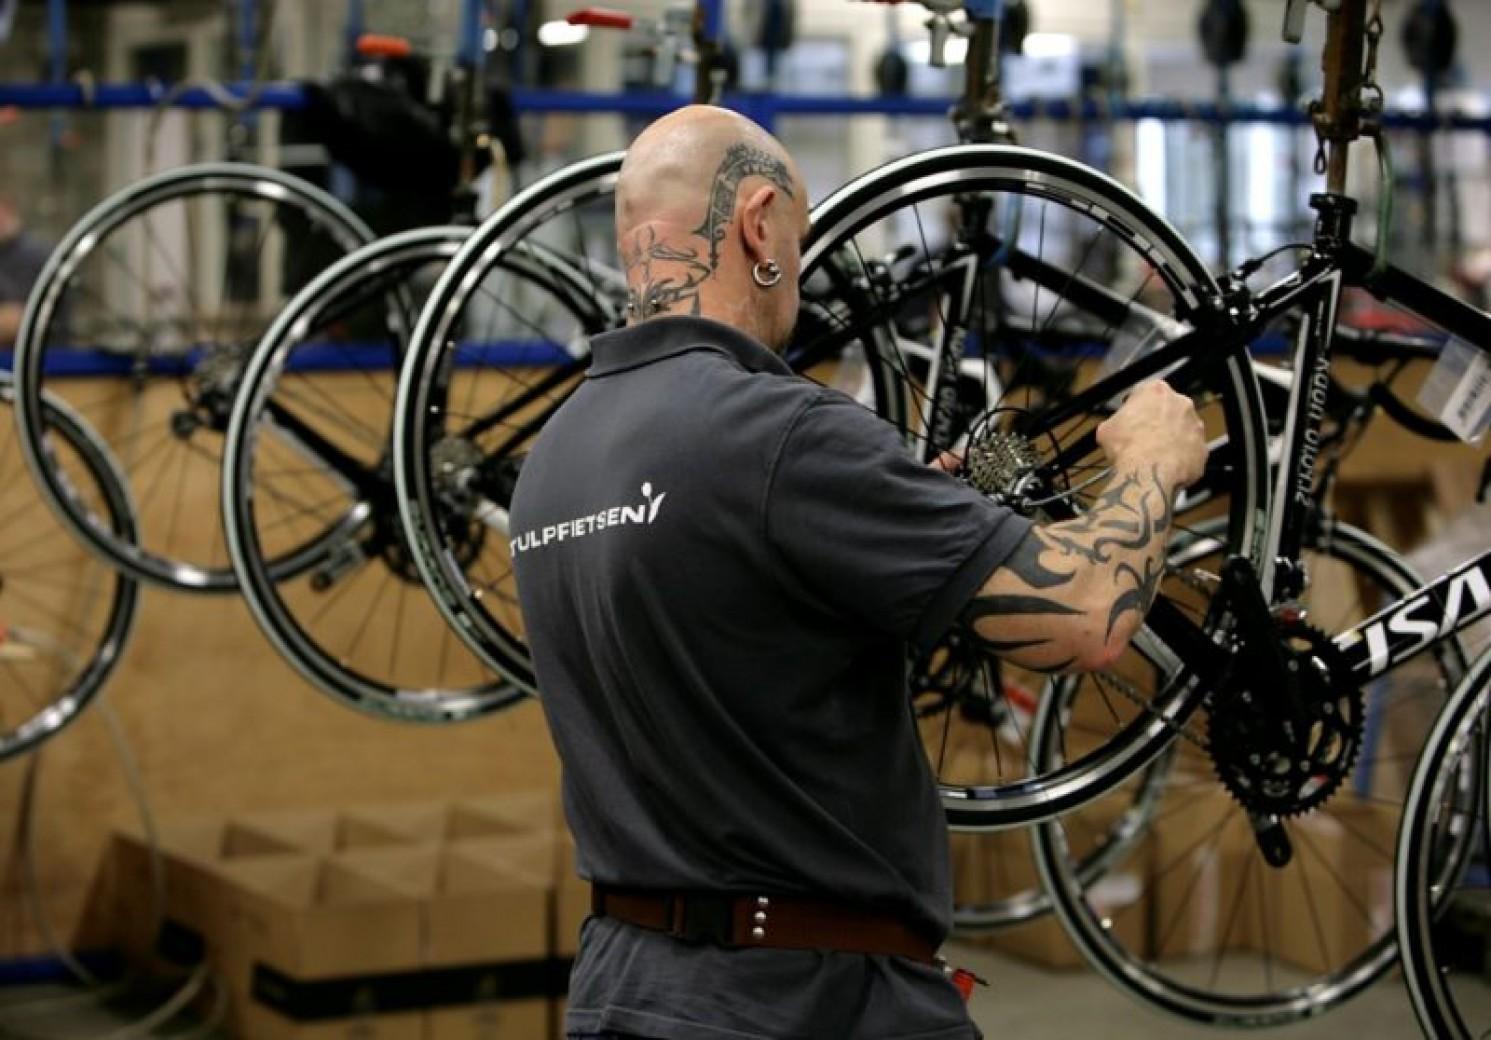 portugal-mayor-fabricante-bicicletas-europa/